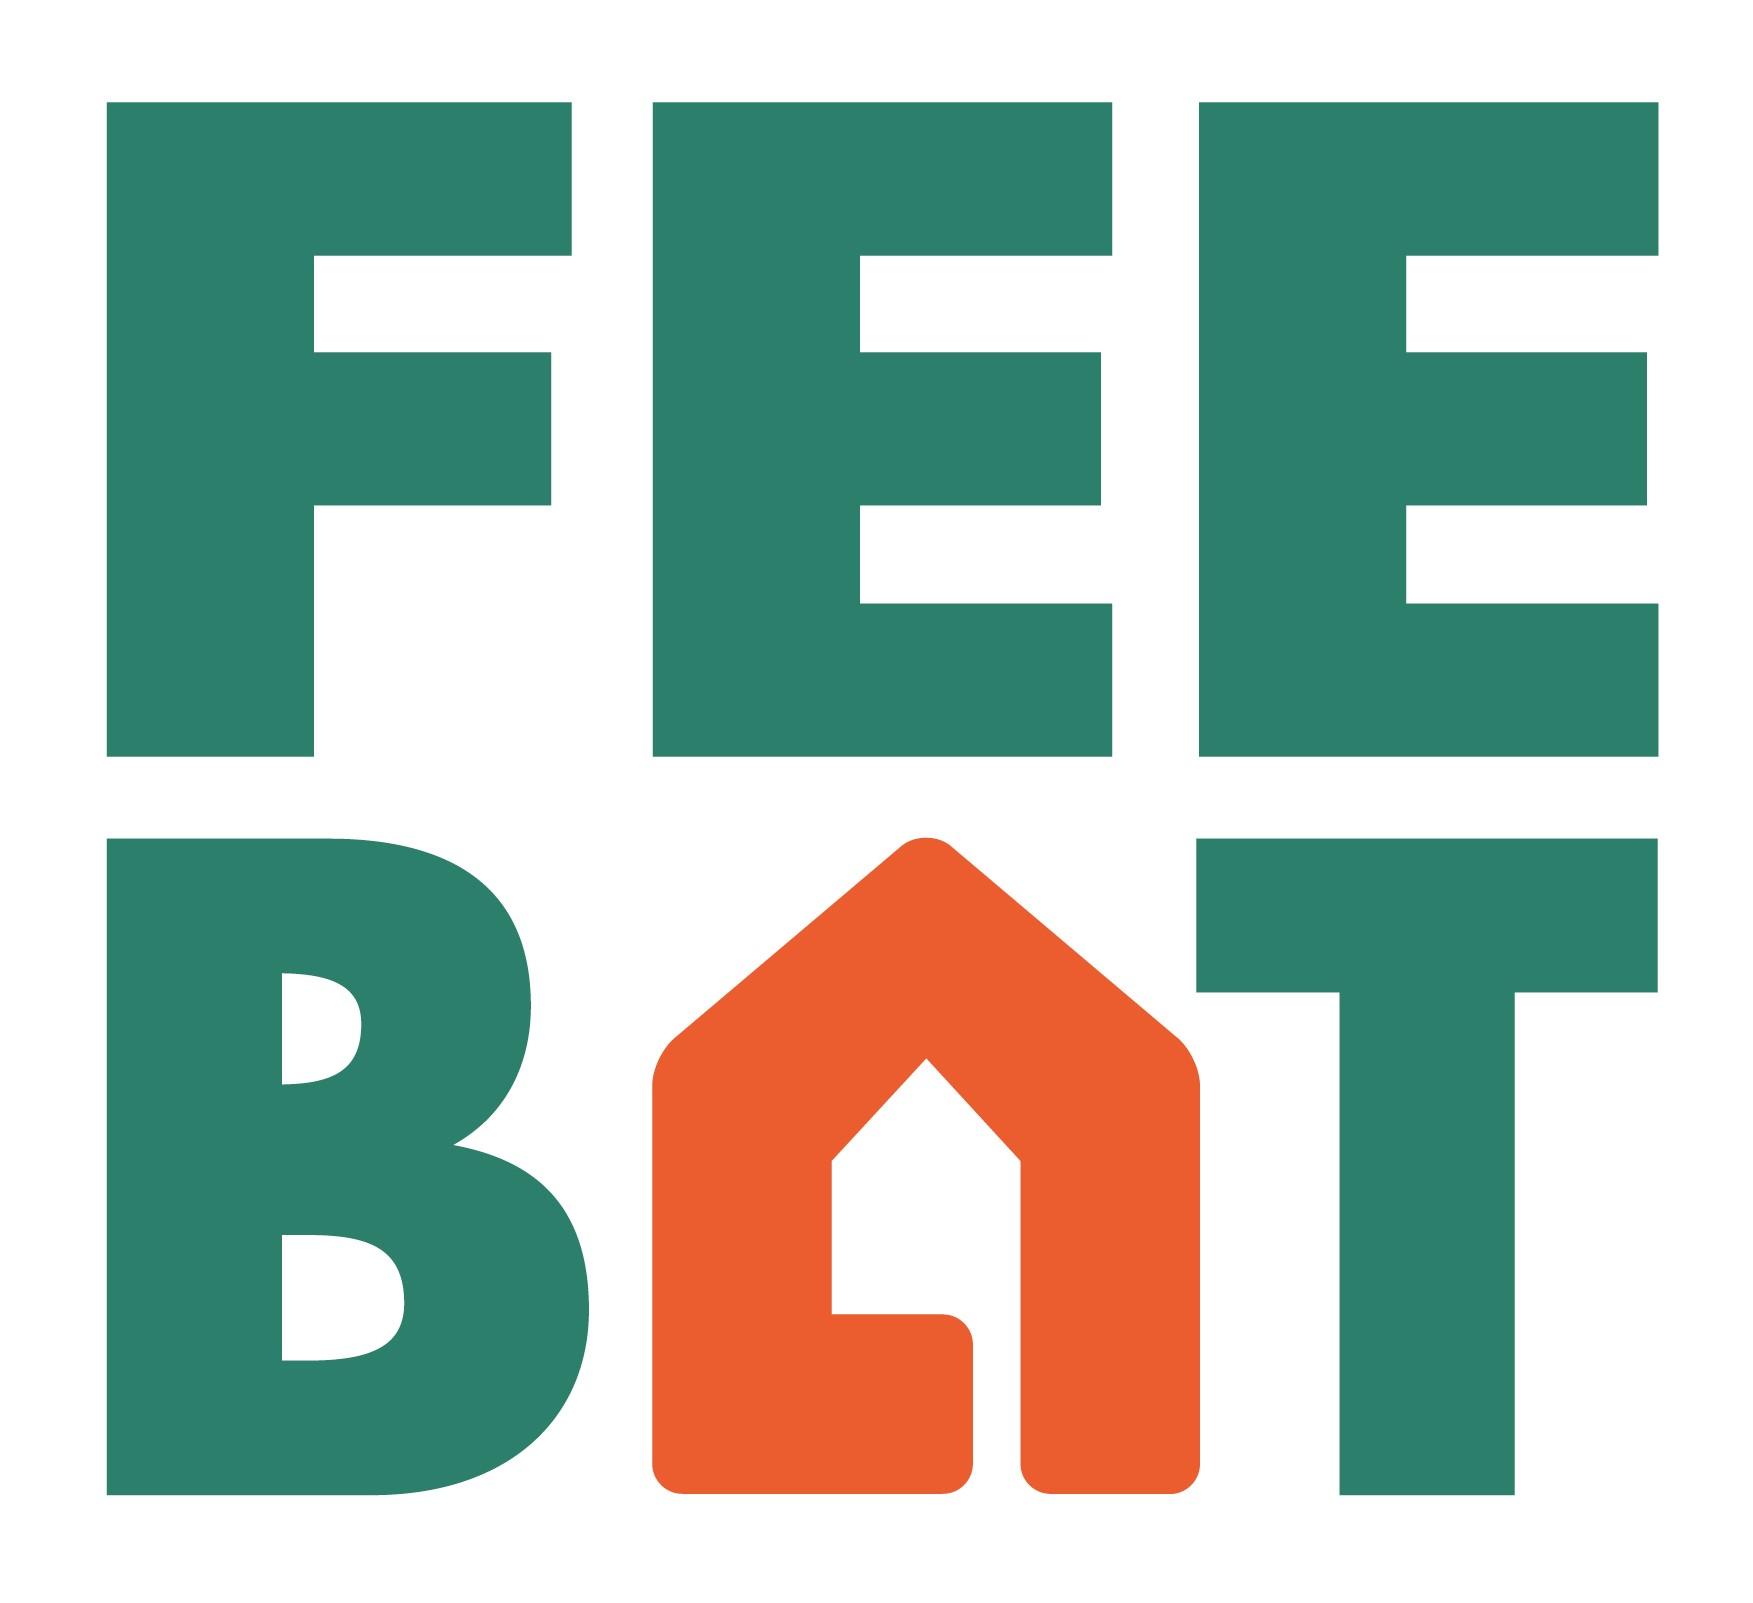 logo_feebat_2019_rvb.jpg